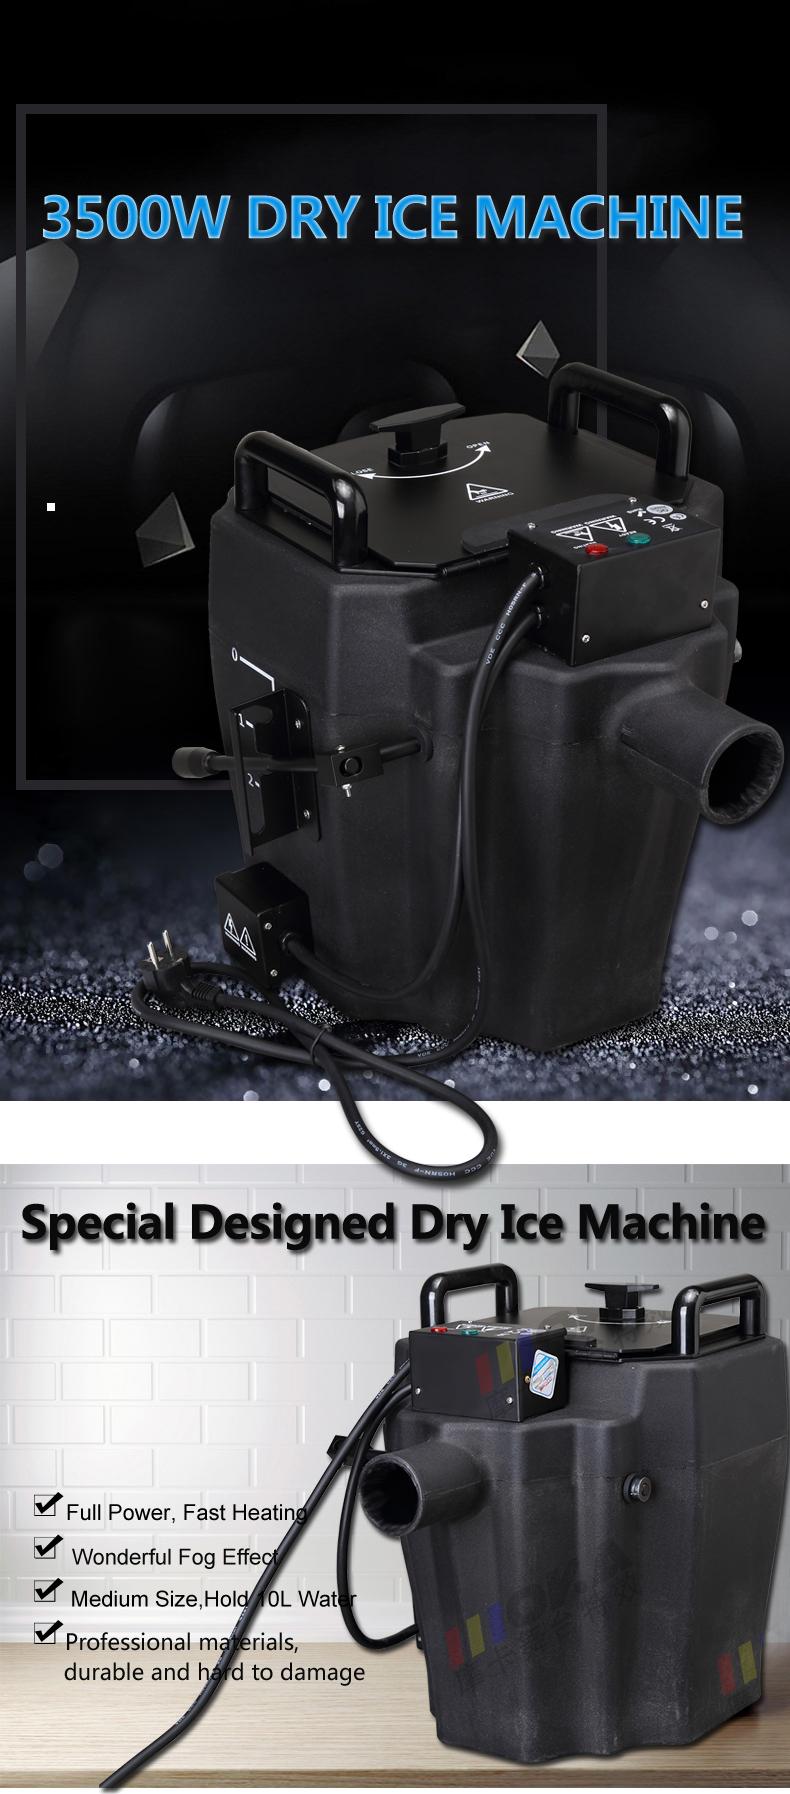 3500w dry ice machine 1